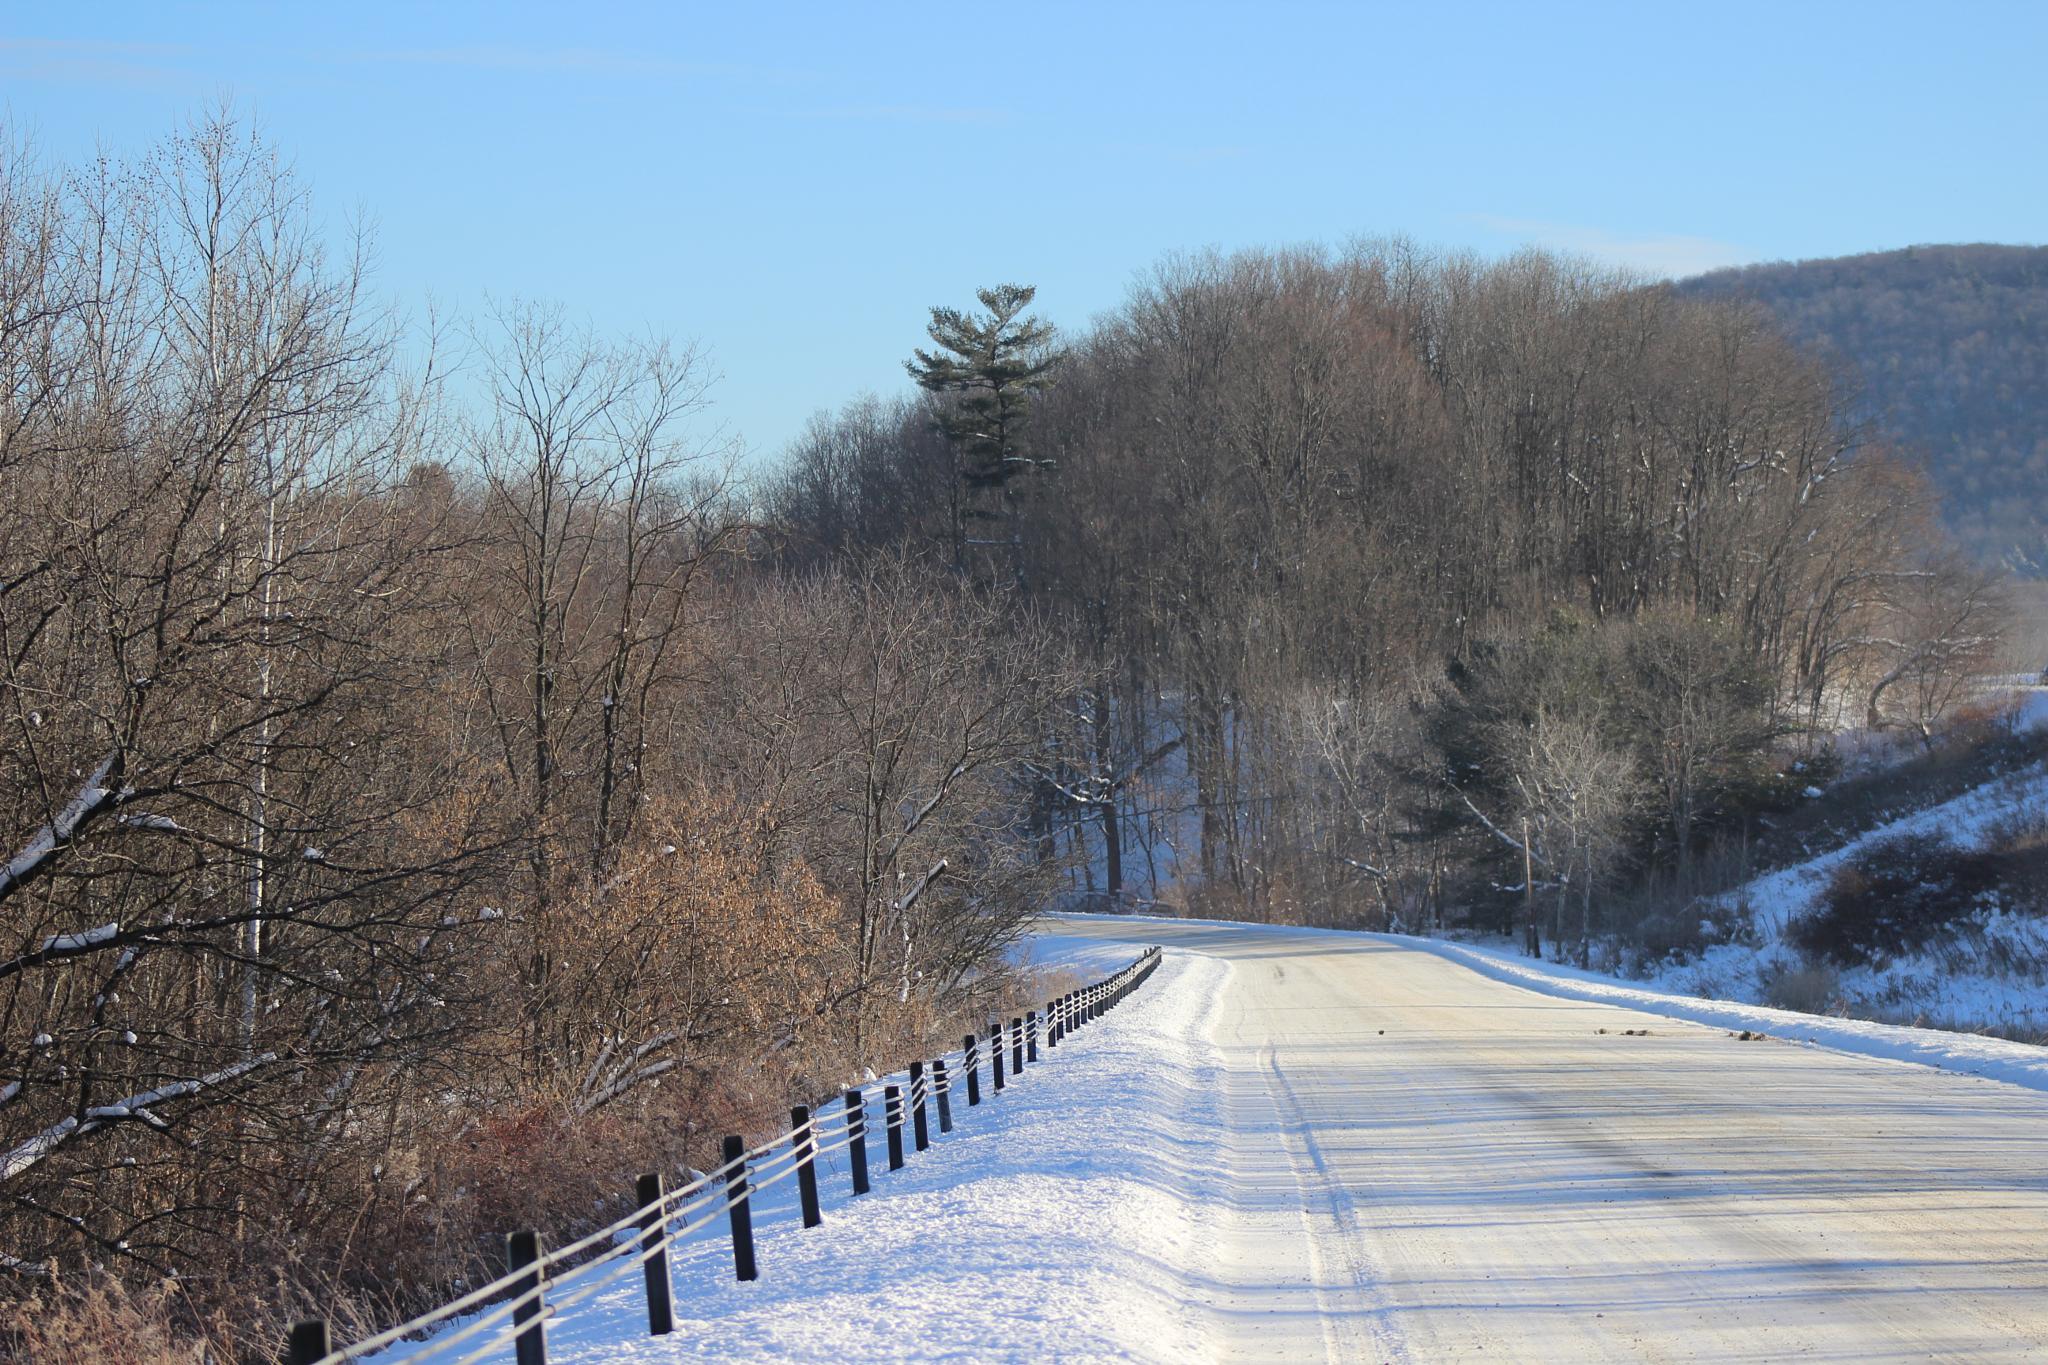 Snowy Road by Jennifer Rivers